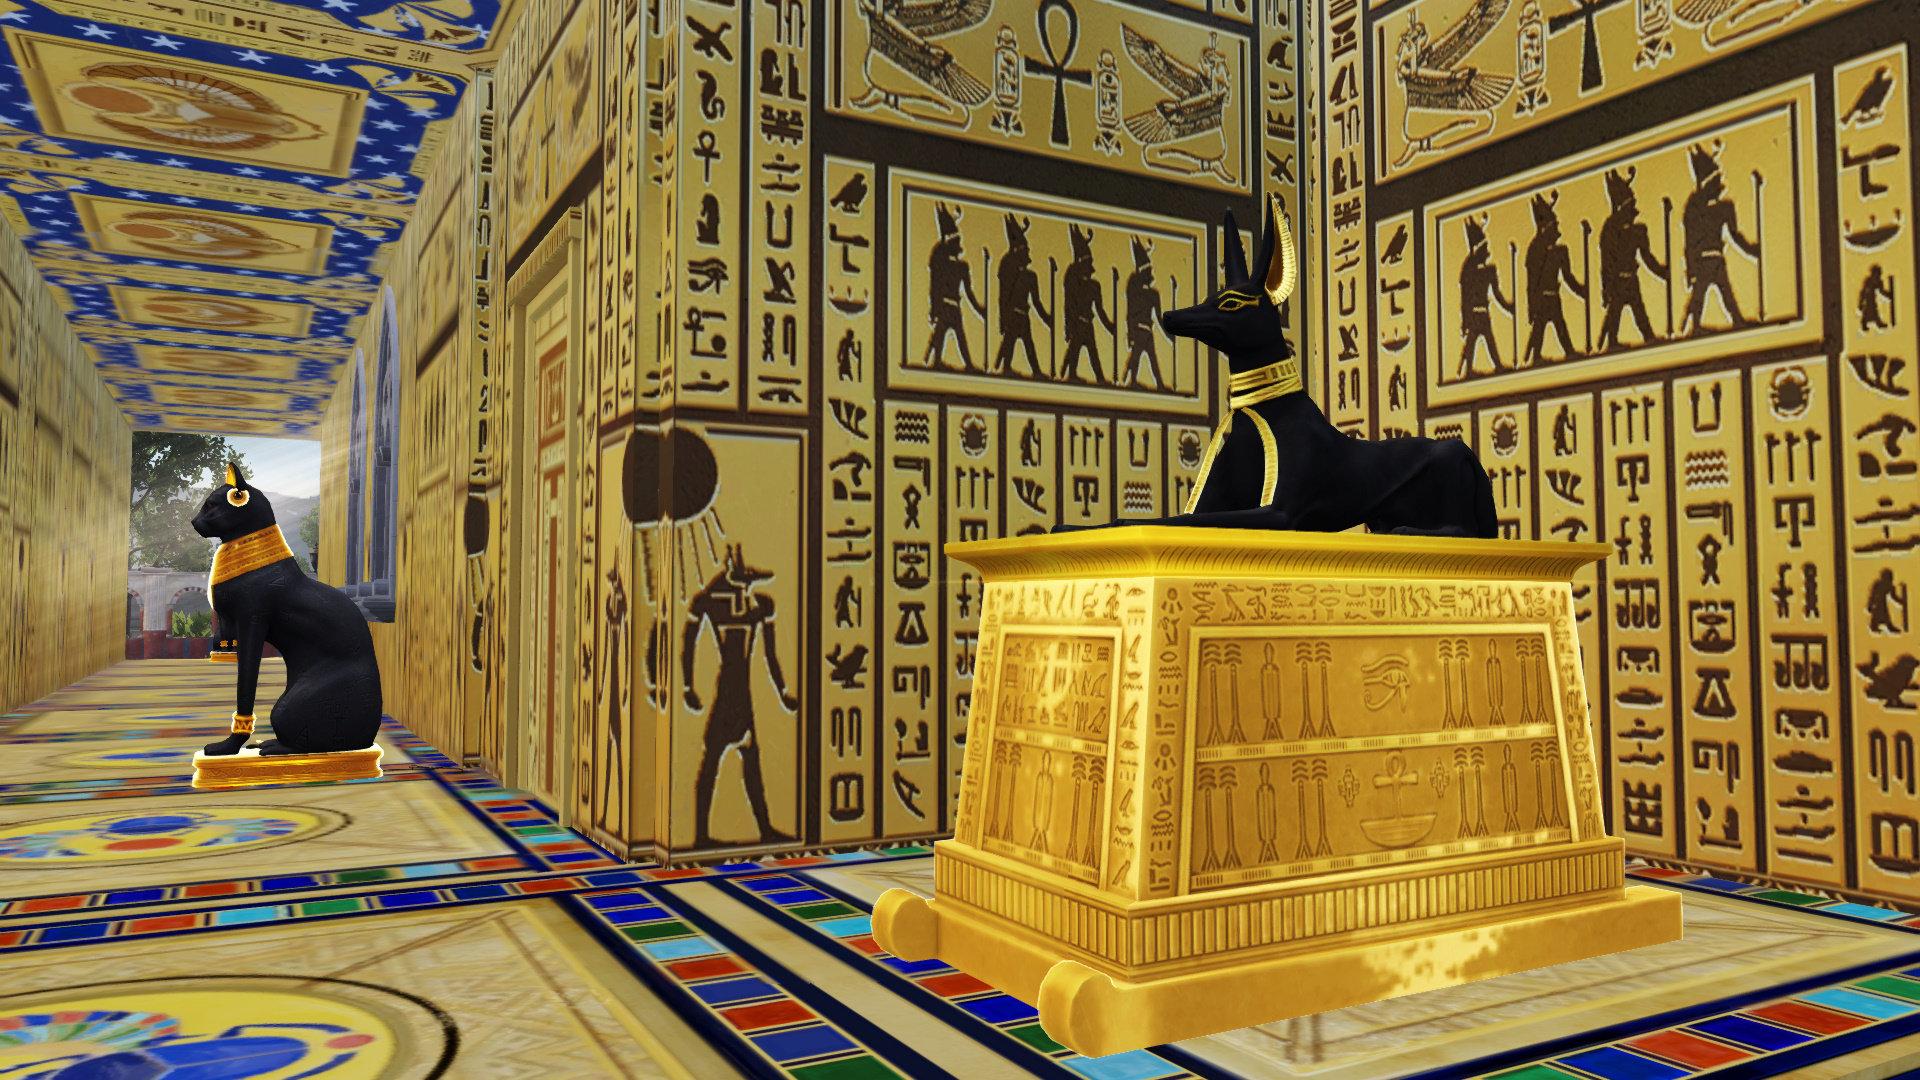 明日之后用埃及金字塔做家具,混搭赛博朋克风泳池?槽点太多